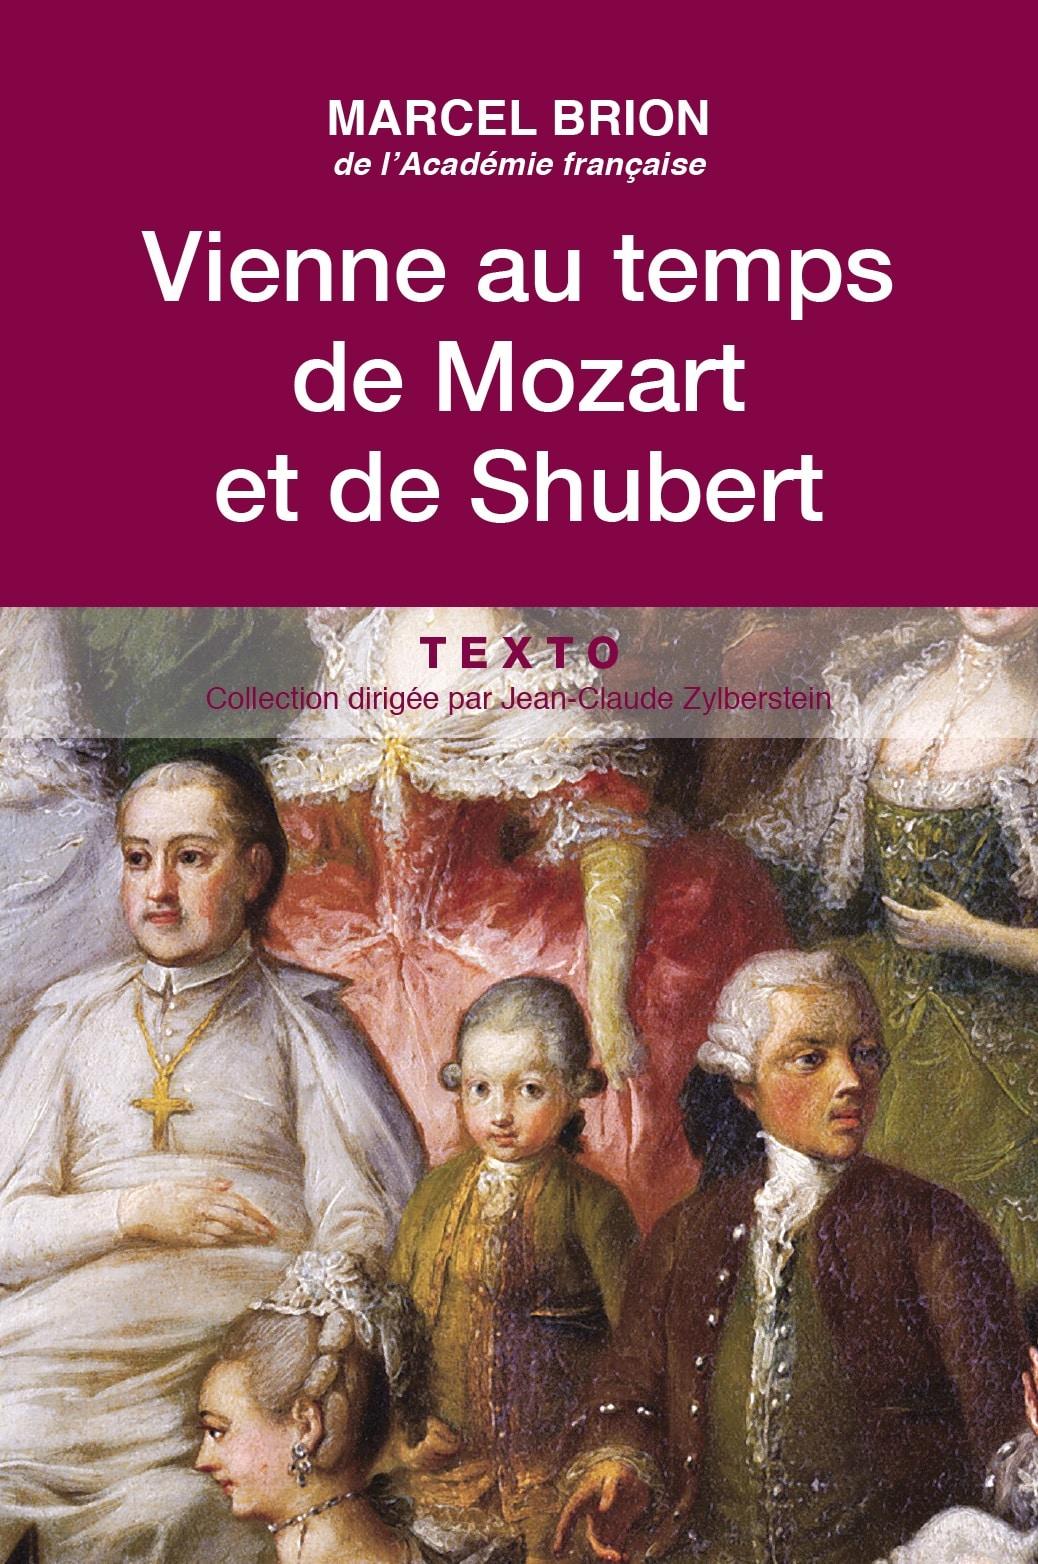 Vienne au temps de Mozart et de Shubert